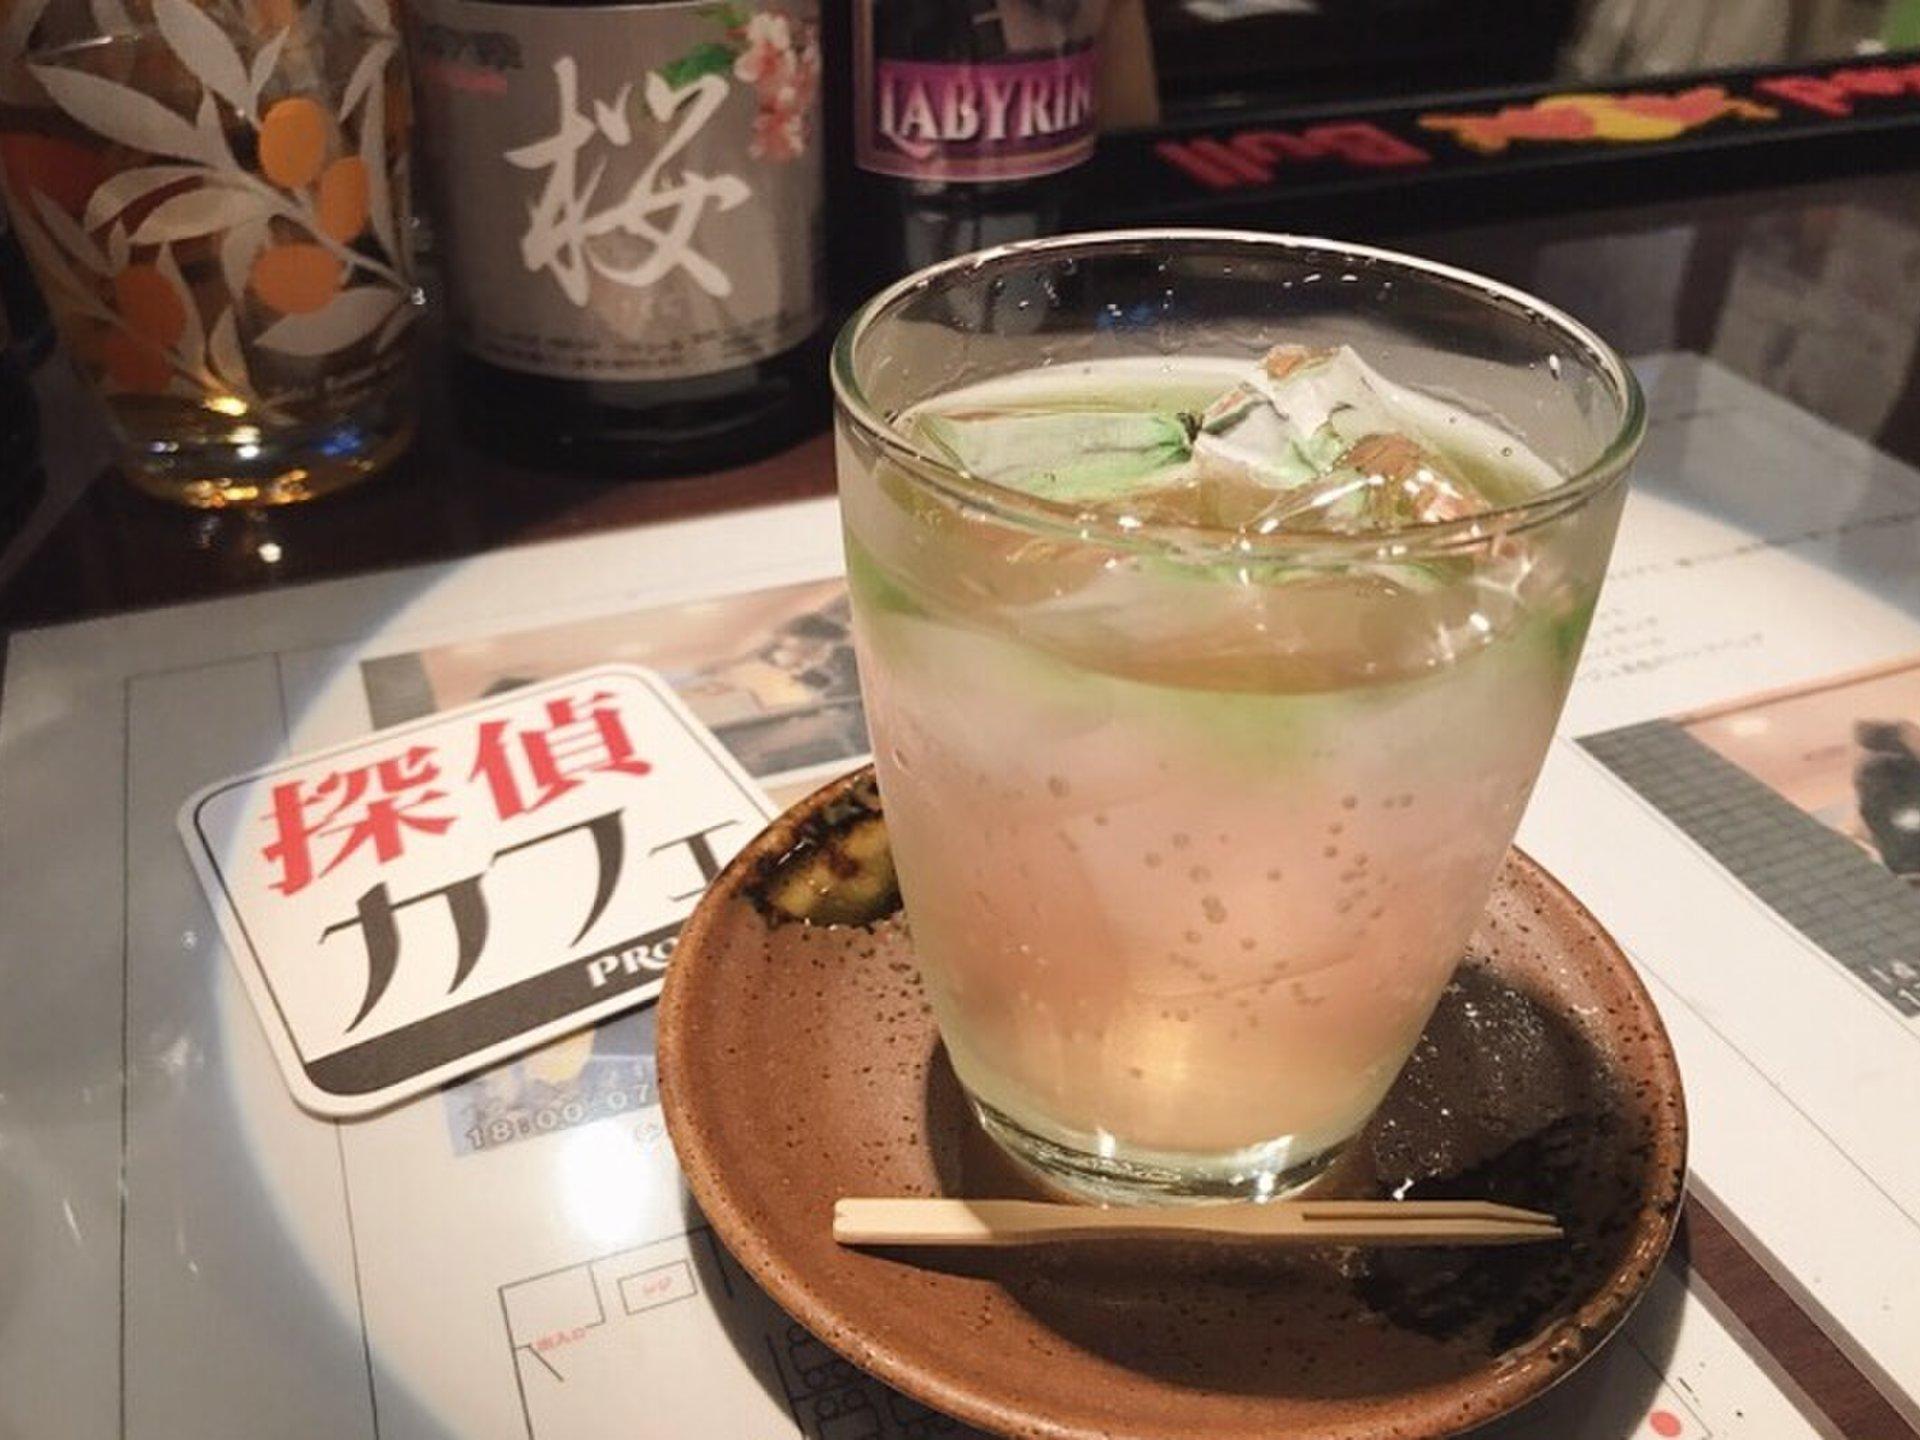 【池袋おすすめカフェ10選】個性あふれる人気カフェはここ!